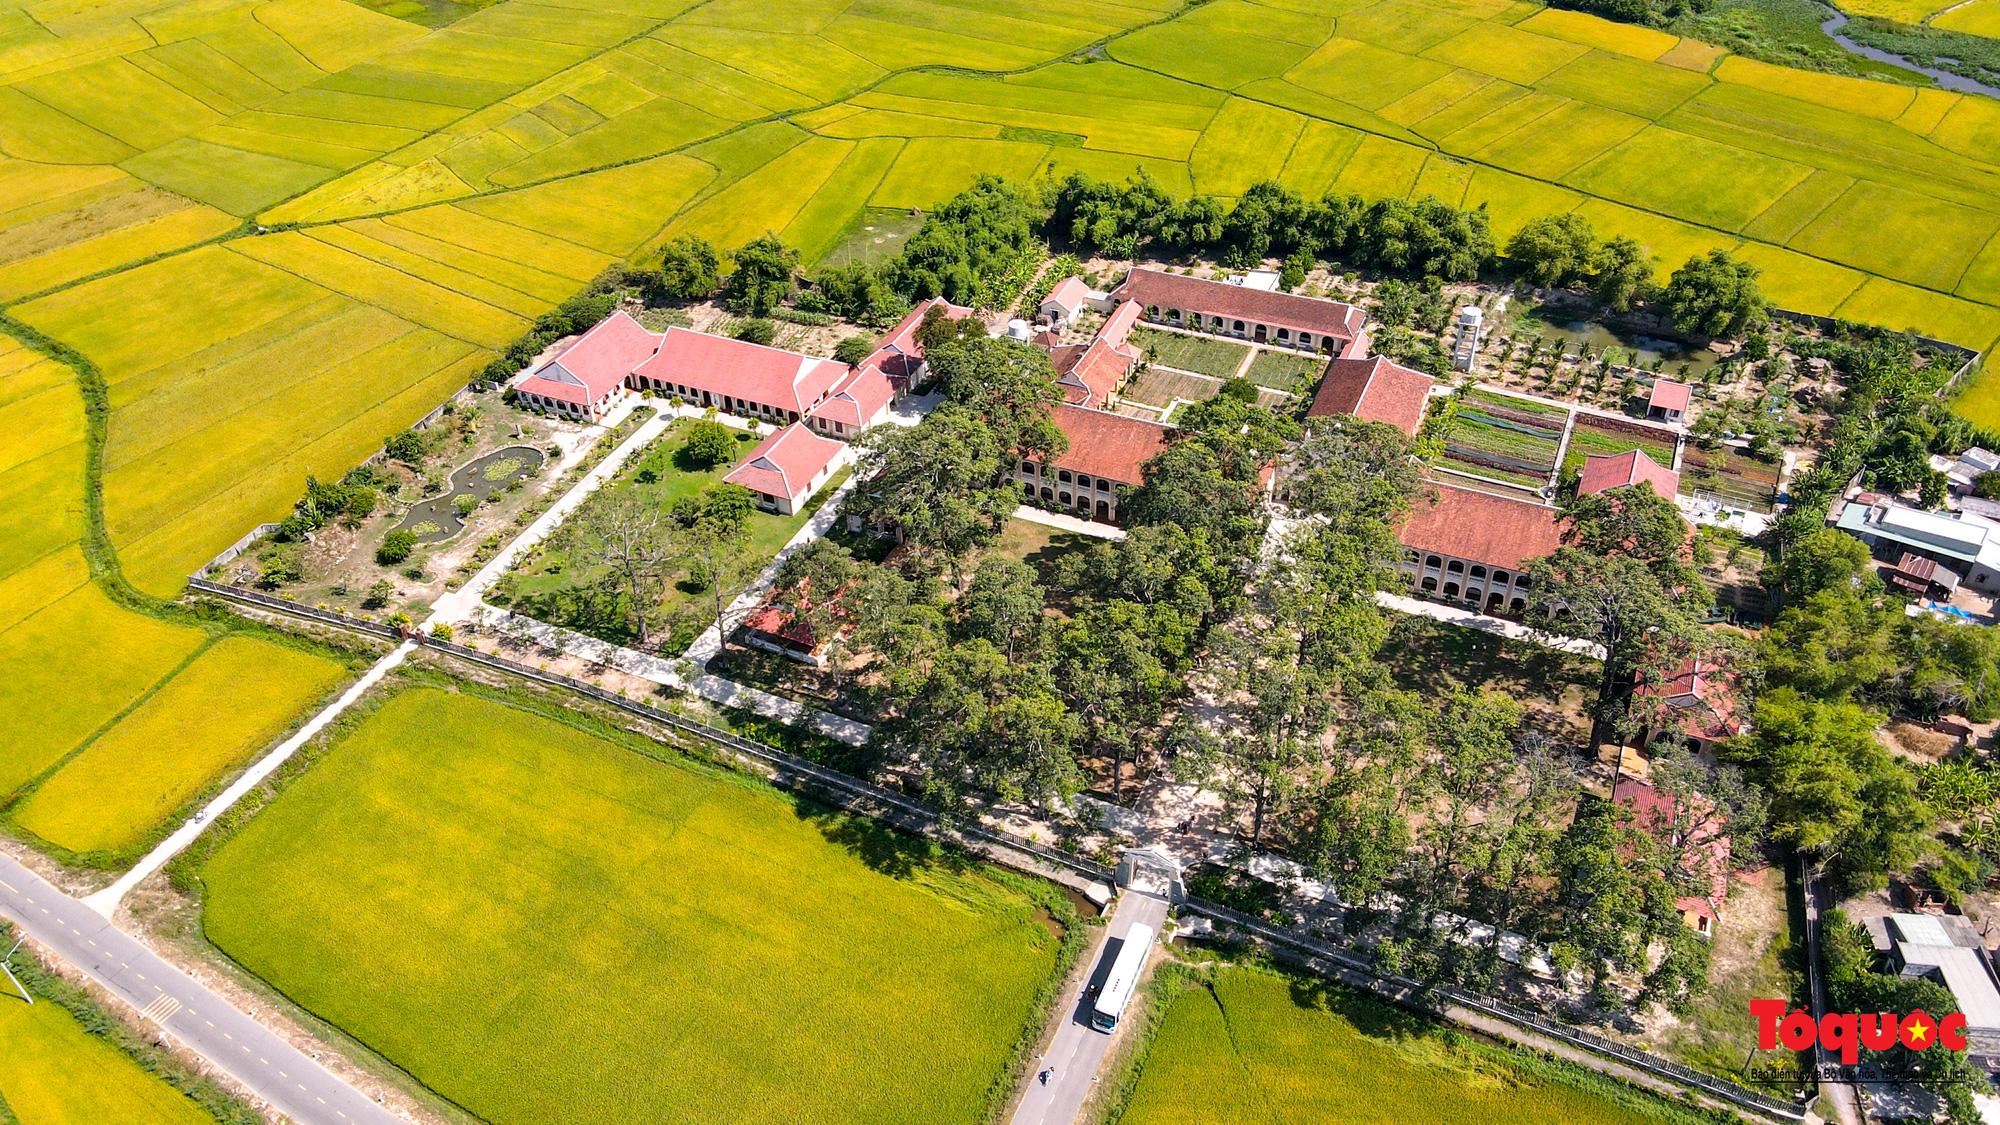 Tiểu Chủng Viện Làng Sông - kiến trúc Gothic tuyệt đẹp giữa đồng quê Việt Nam - Ảnh 2.